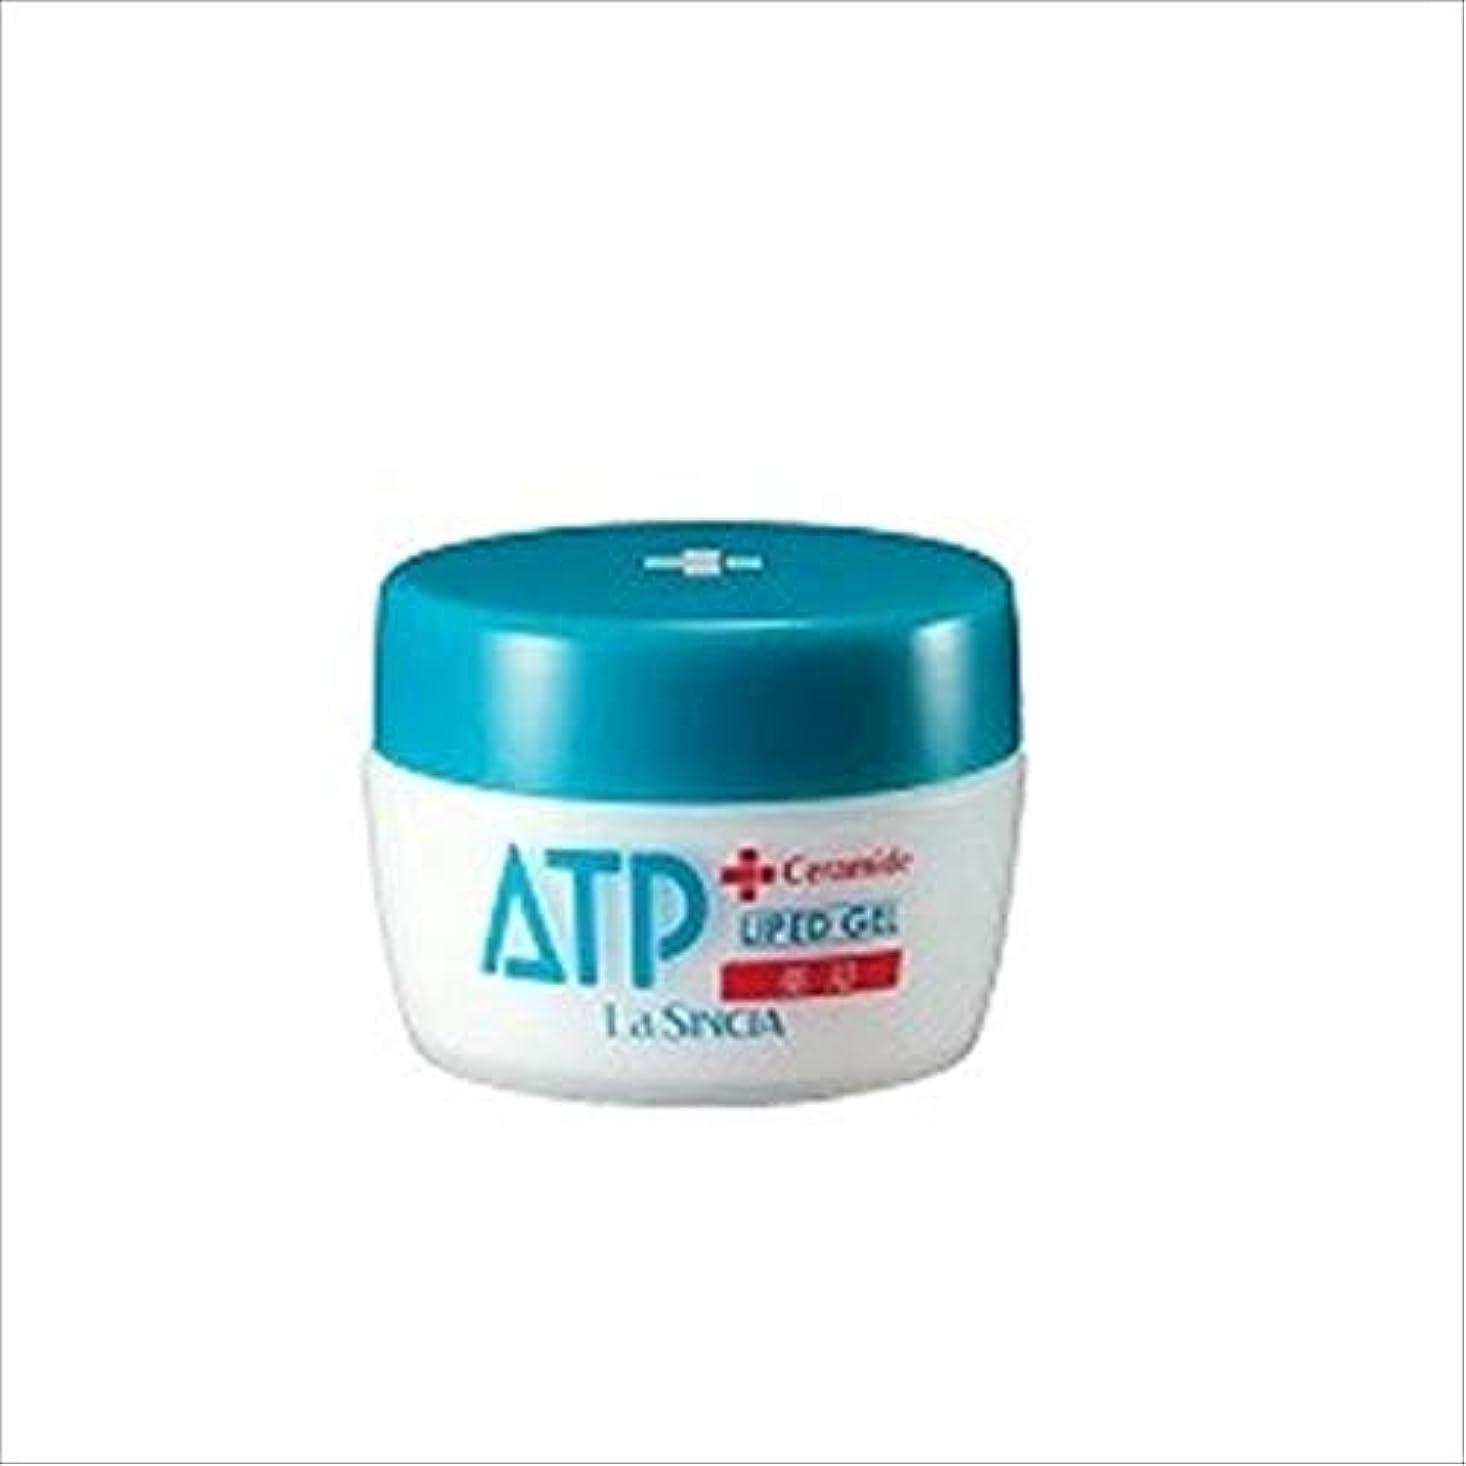 シュリンク数学的な大きさラ?シンシア 薬用ATP リピッドゲル 30g (全身?頭皮?頭髪用保湿ゲルクリーム)